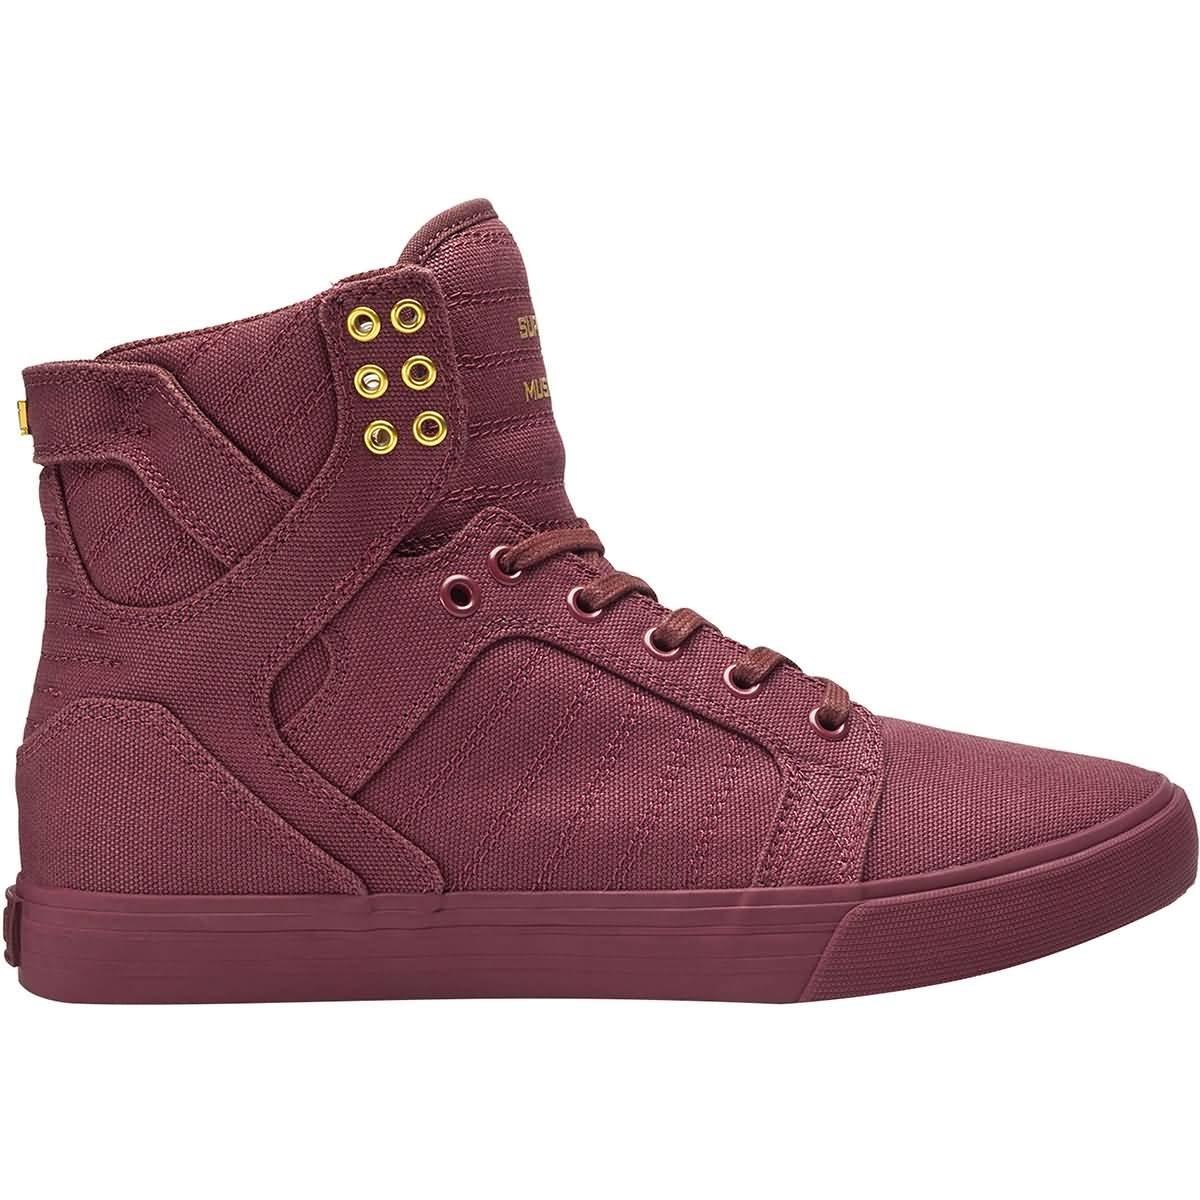 af4842a97f74 Galleon - Supra Men s Skytop Shoes